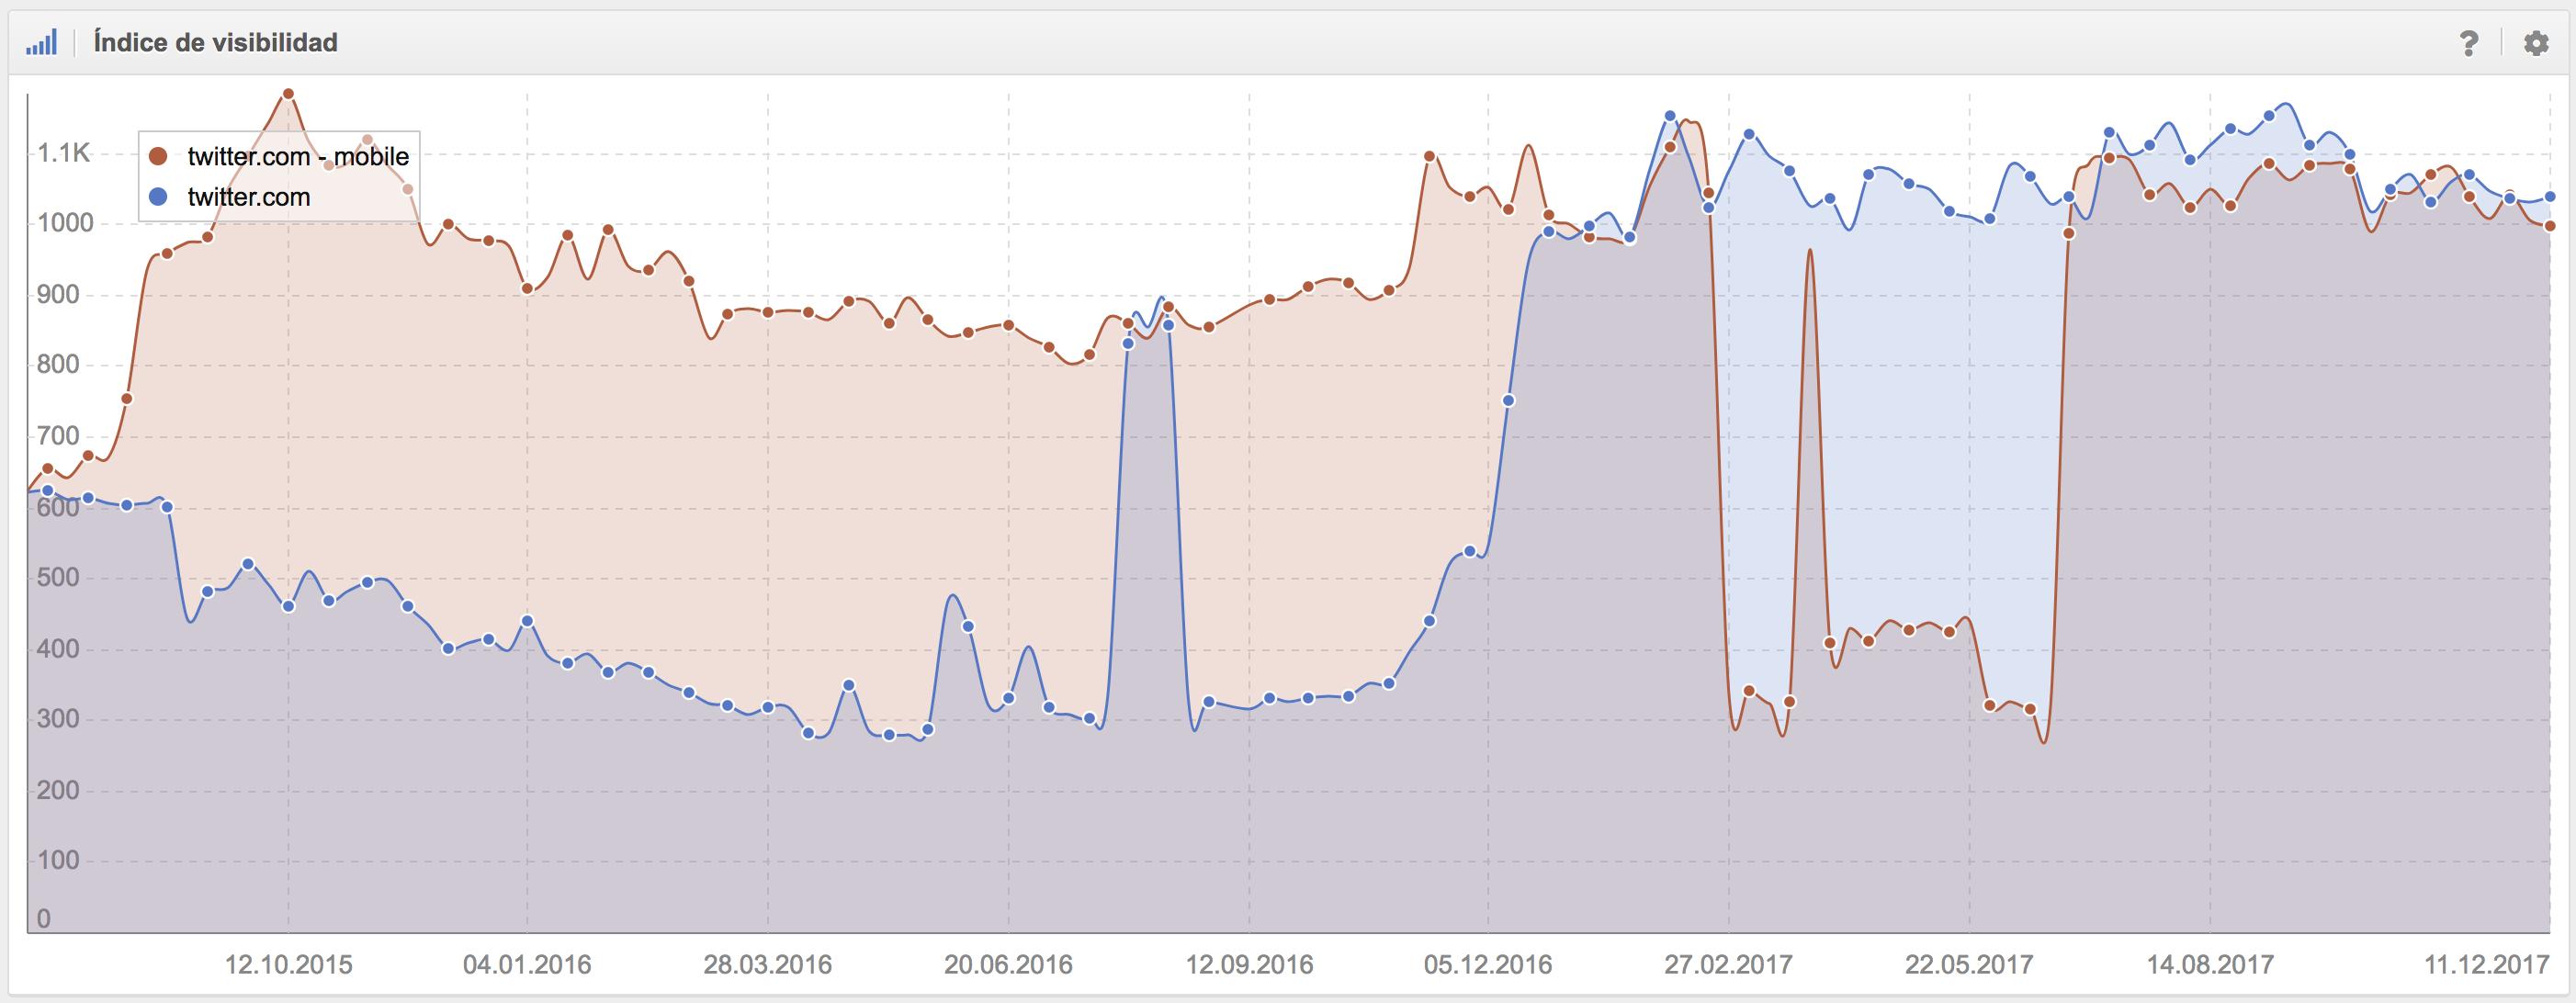 SEO en redes sociales - Datos de visibilidad USA de Sistrix